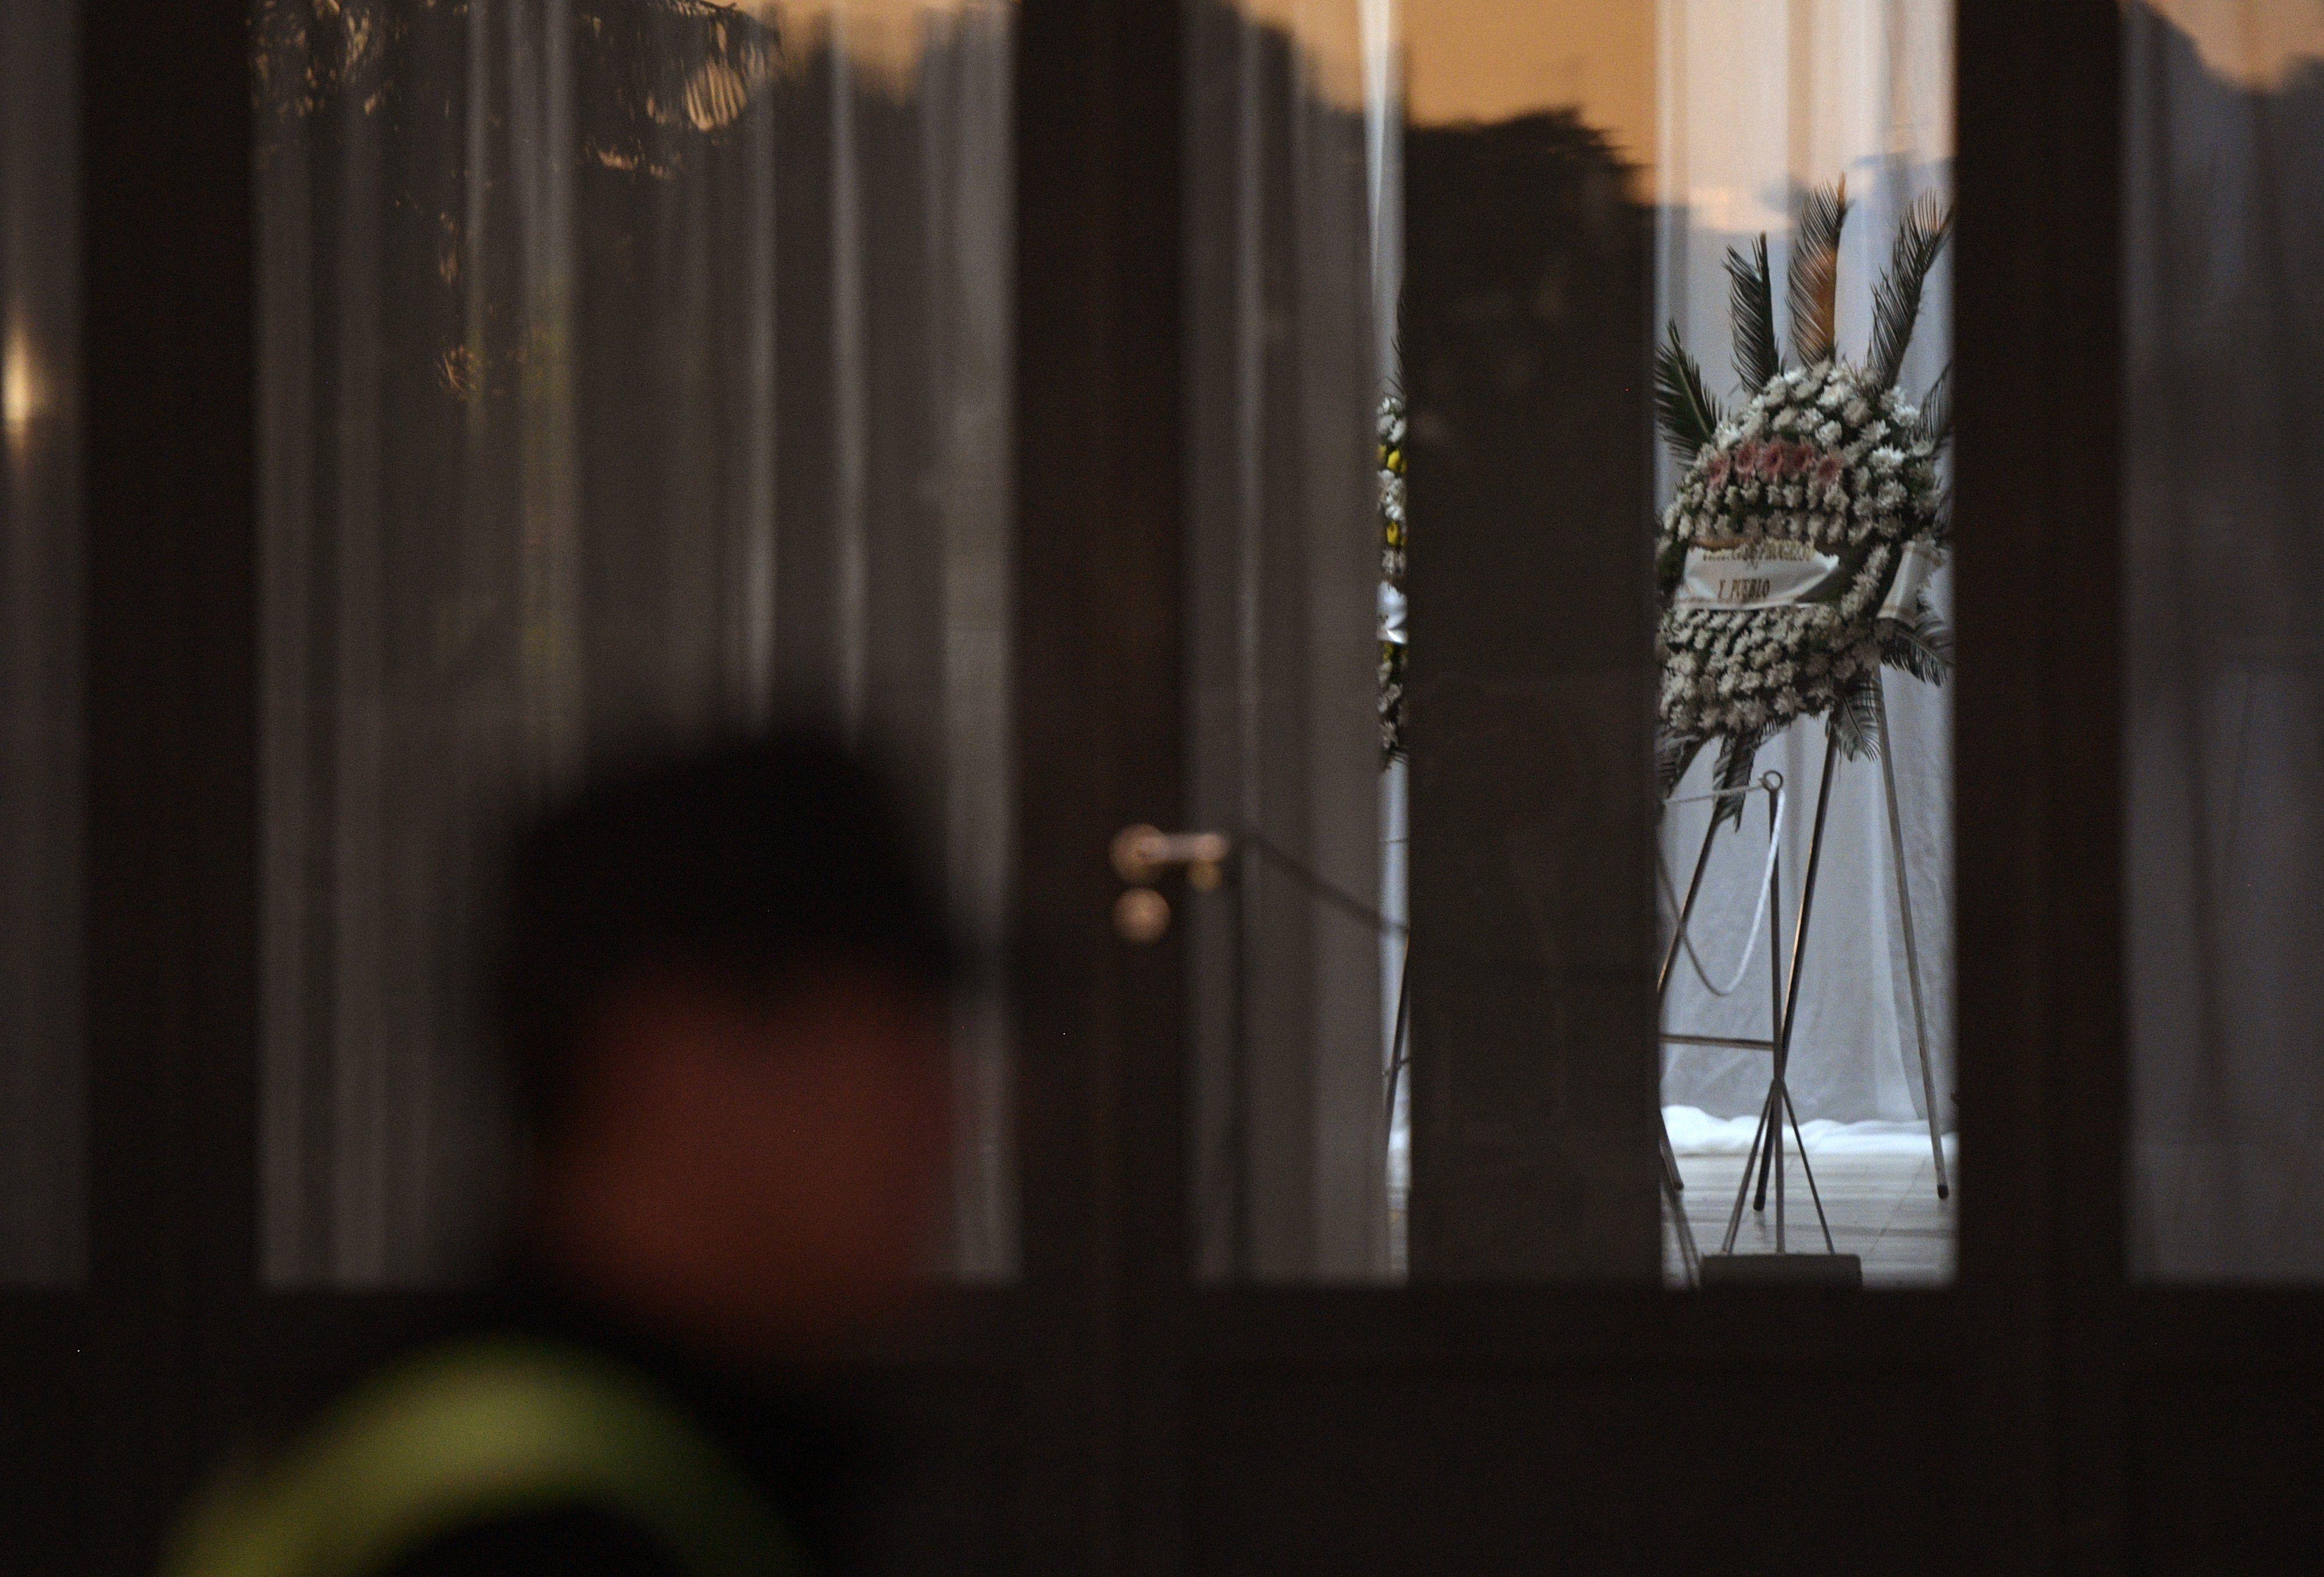 Familiares, amigos y aficionados se despiden de Emiliano Sala, en Argentina. (Foto Prensa Libre: AFP)